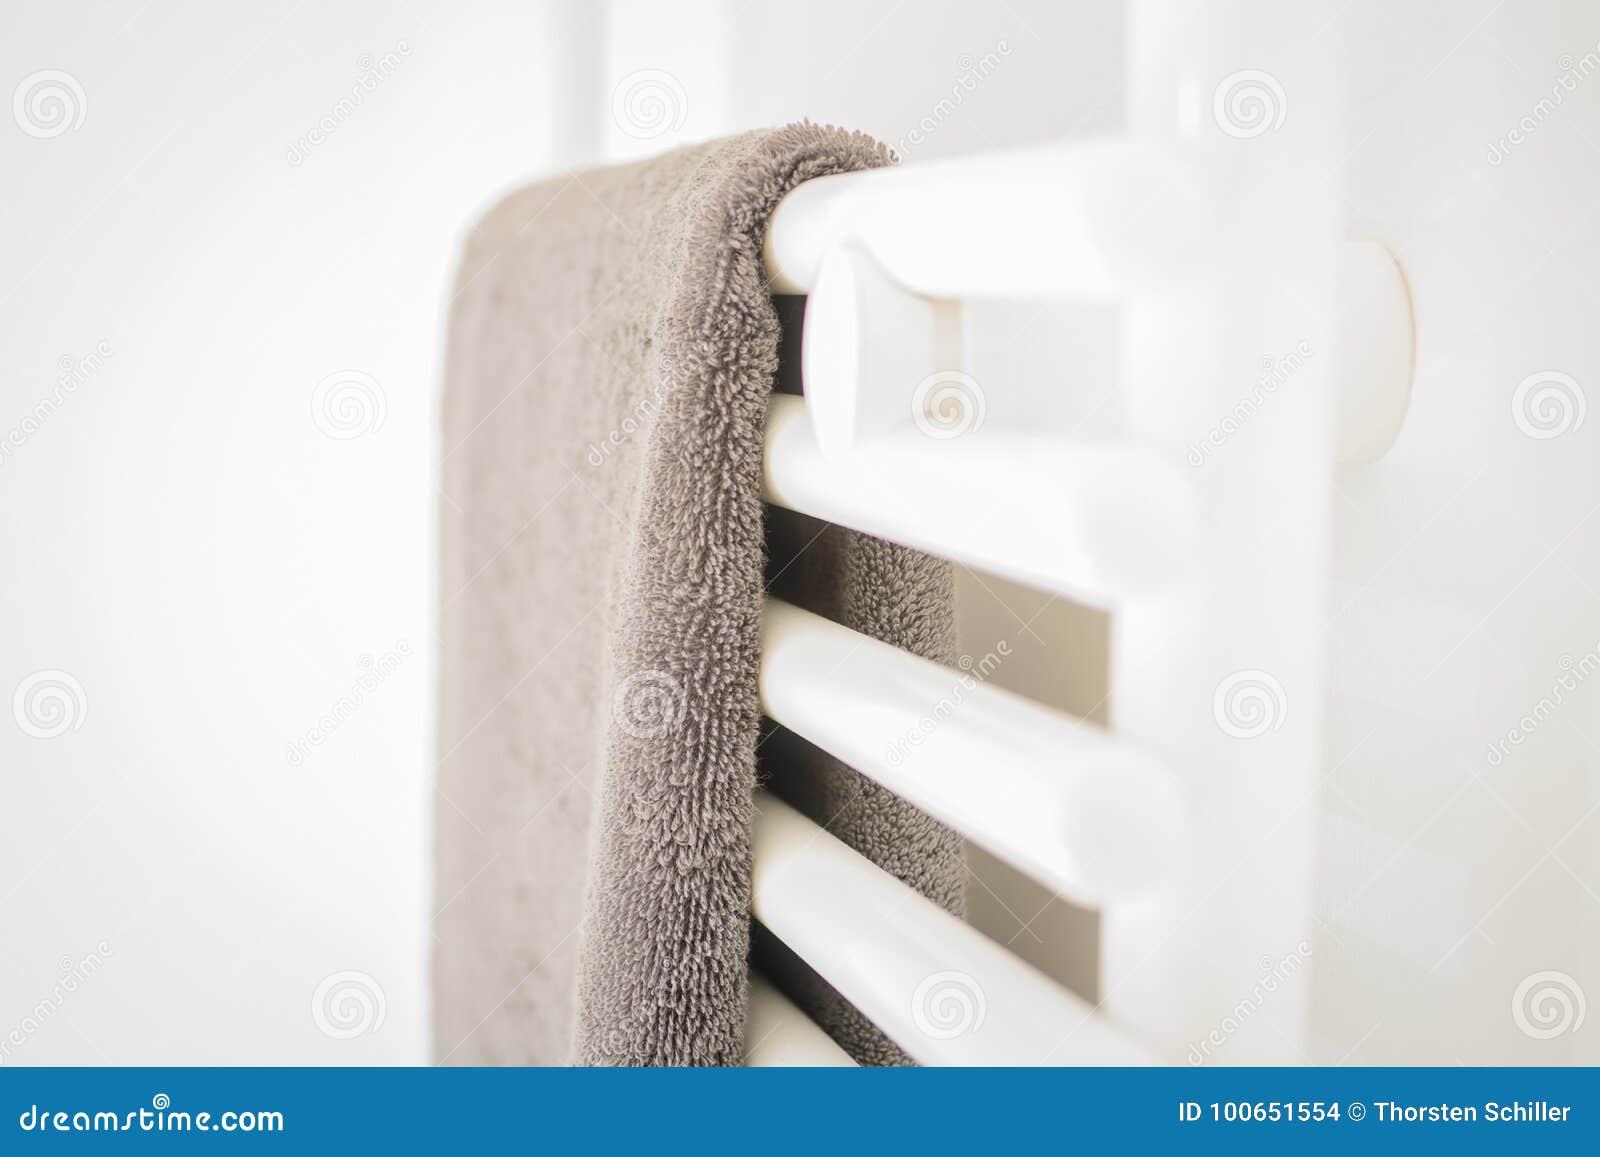 Moderne Schone Witte Badkamers - Handdoek en het Verwarmen